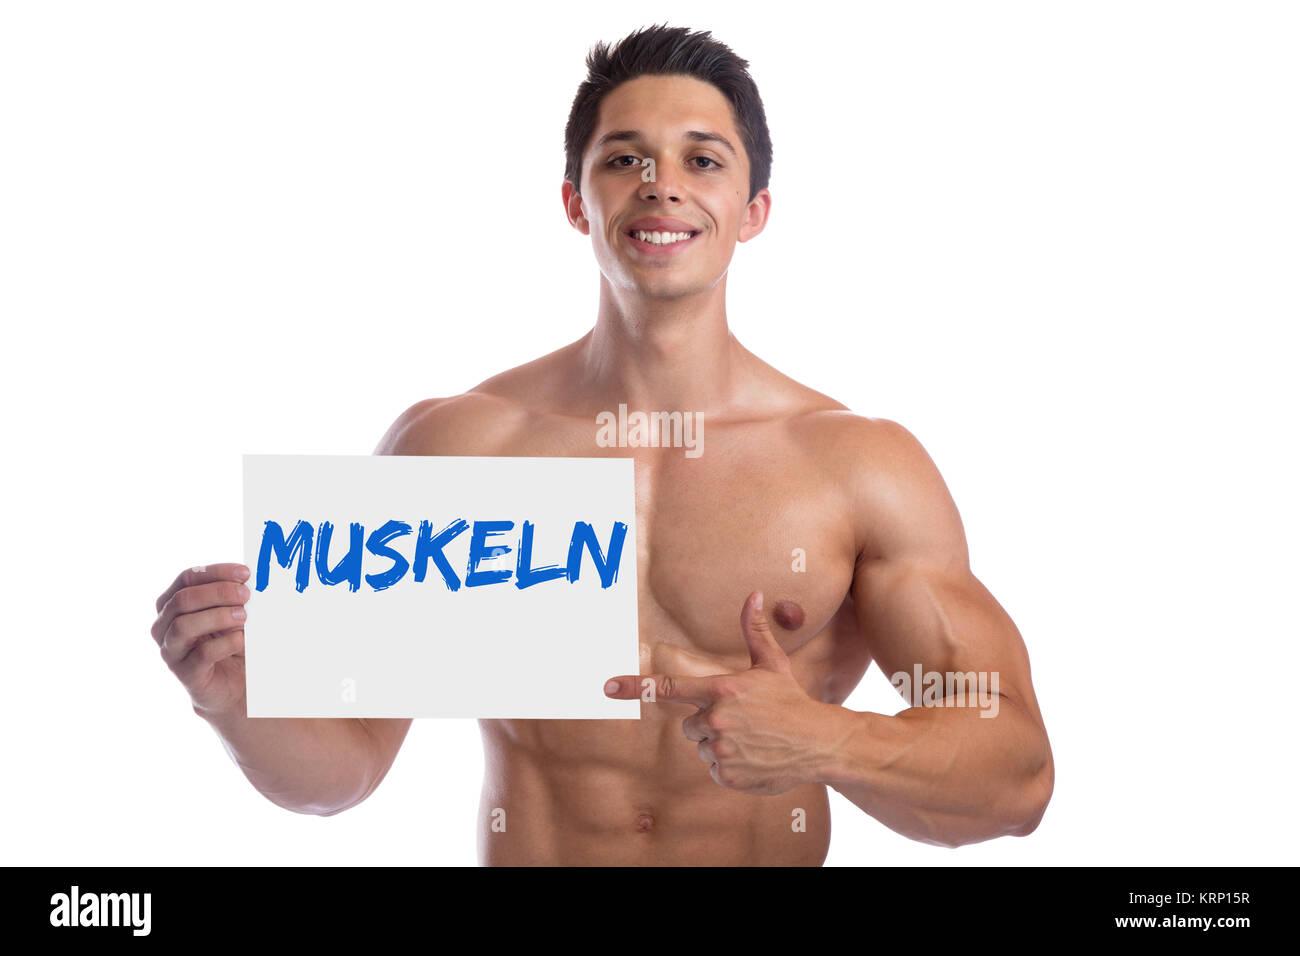 Bodybuilding culturista muscoli protezione muscolare body building uomo forte muscolare taglio giovani Immagini Stock